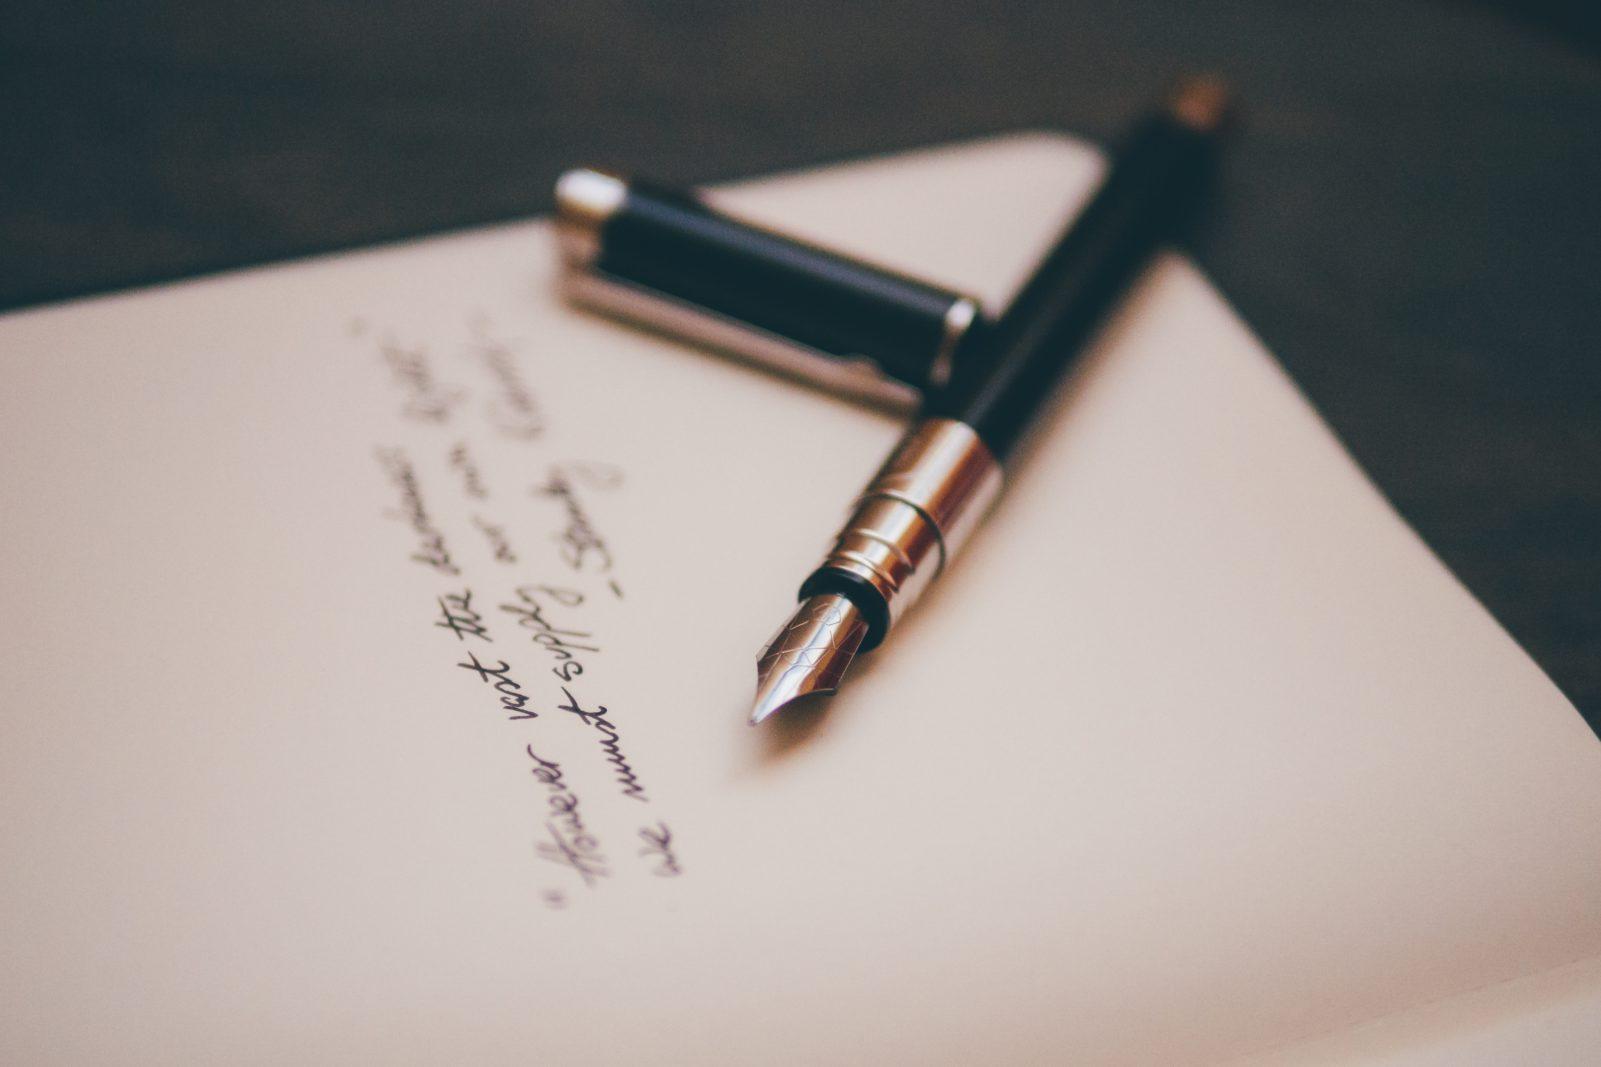 Kündigung Arbeitsvertrag  –  Kündigungsfristen, Abgangsentschädigung, Ferien